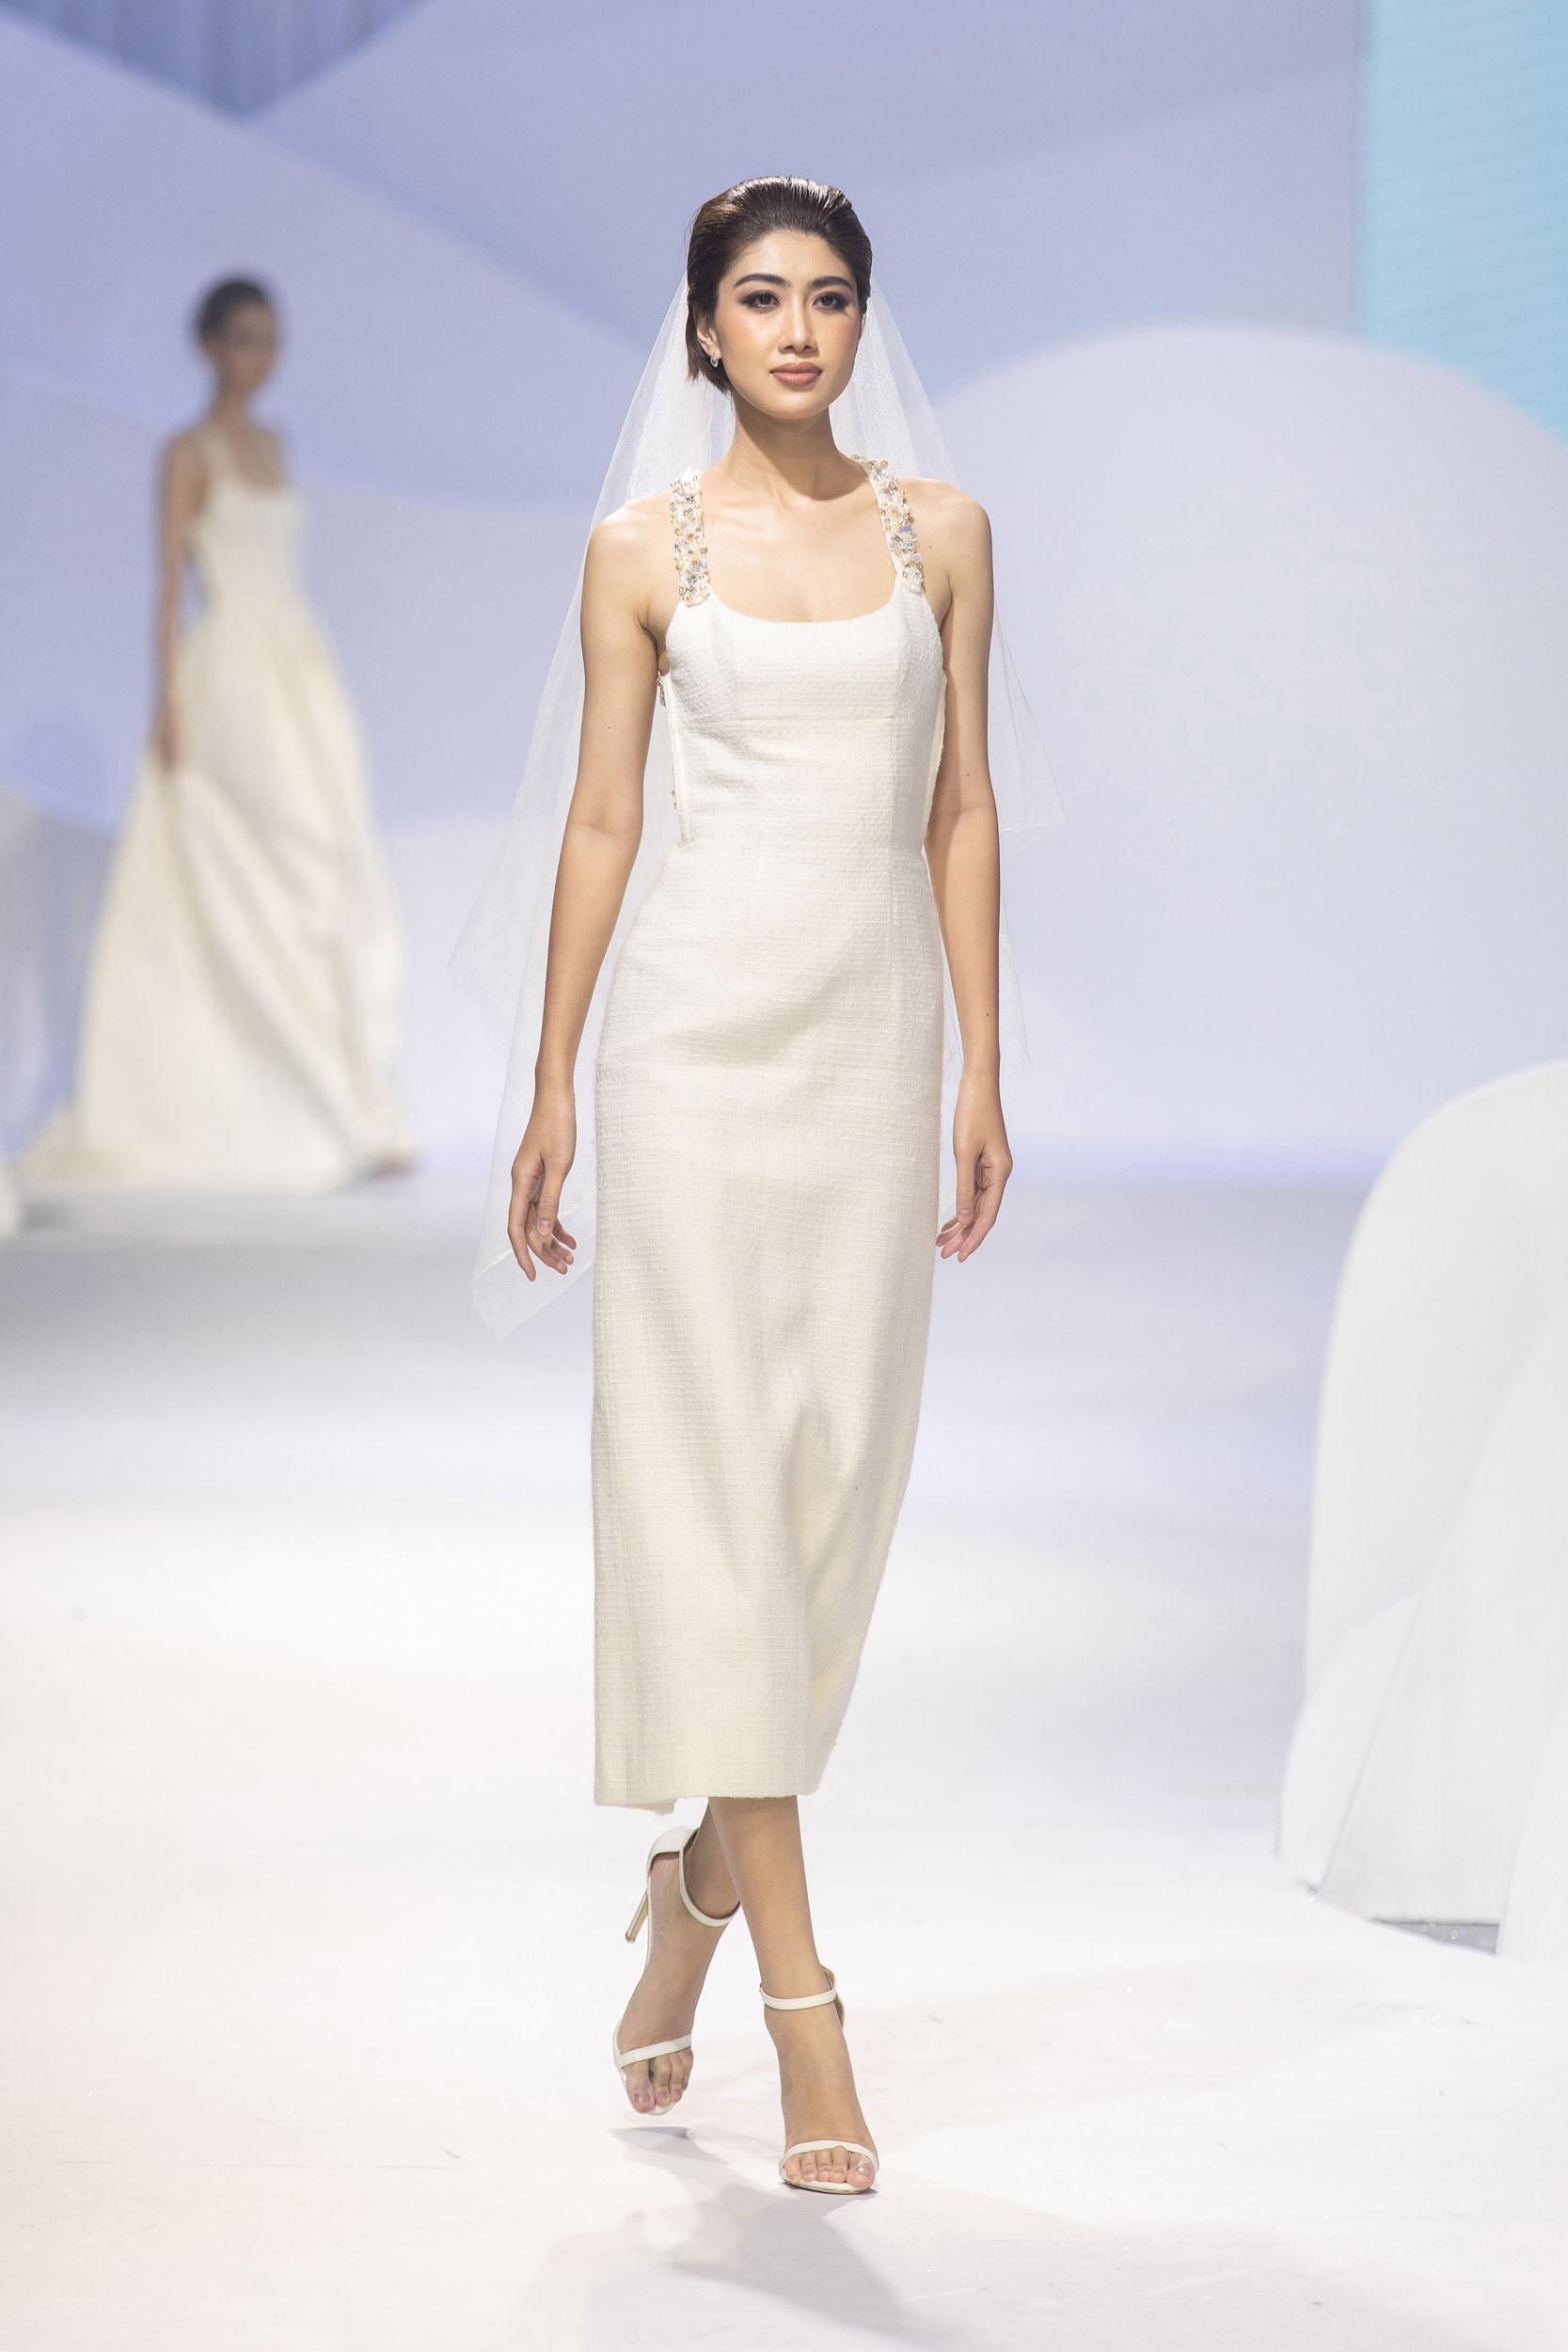 BST Decos Bridal Fall 2020 của NTK Nguyễn Phương đông cùng bộ váy cưới tối giản thanh lịch và hiện đại